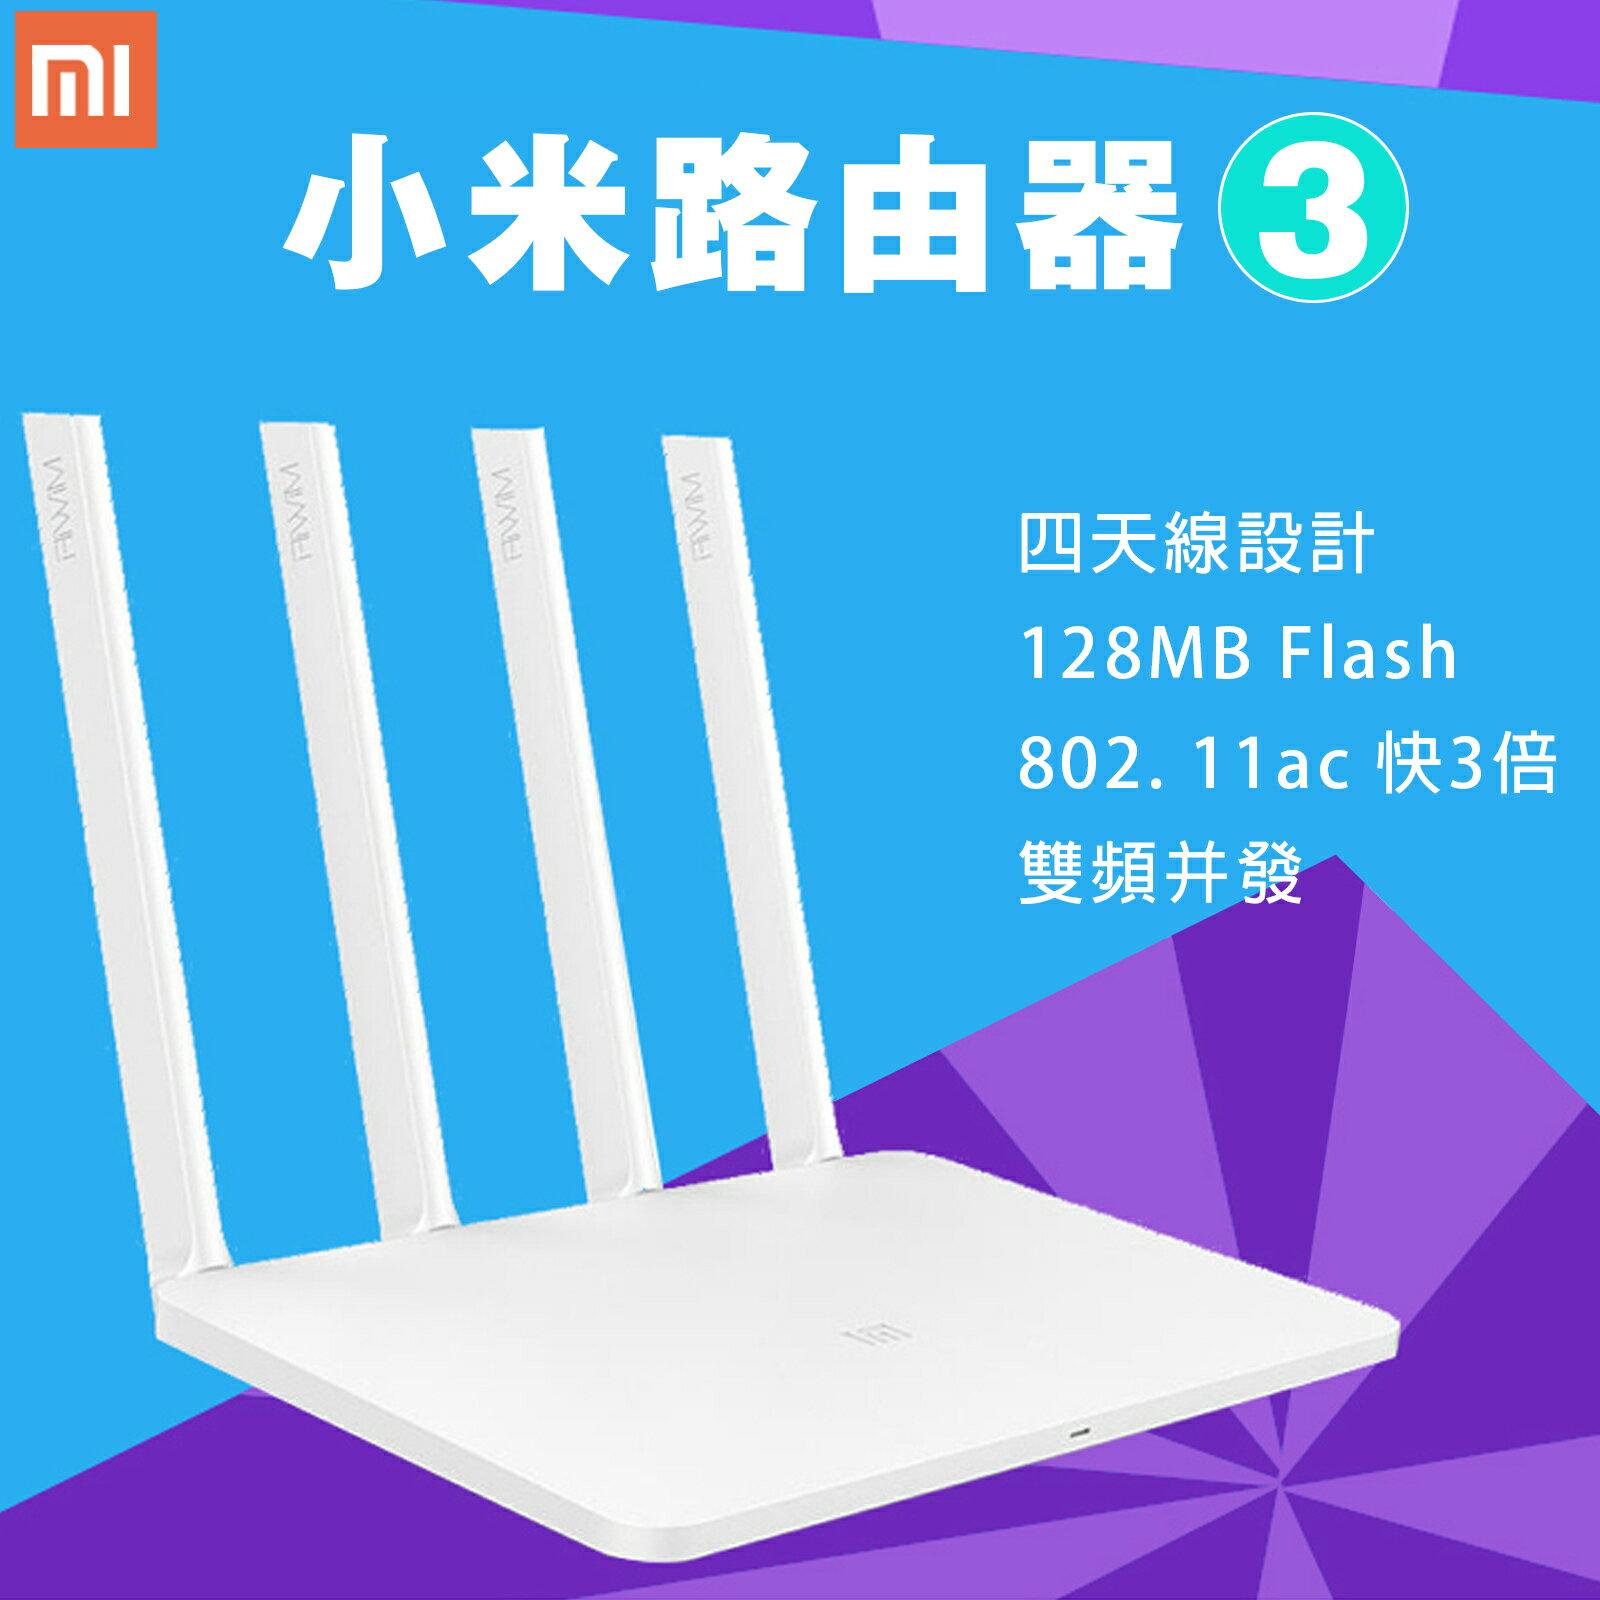 【原廠正貨】最新小米路由器 3代 WiFi 4天線 5G 寬頻 無線上網【O3214】☆雙兒網☆